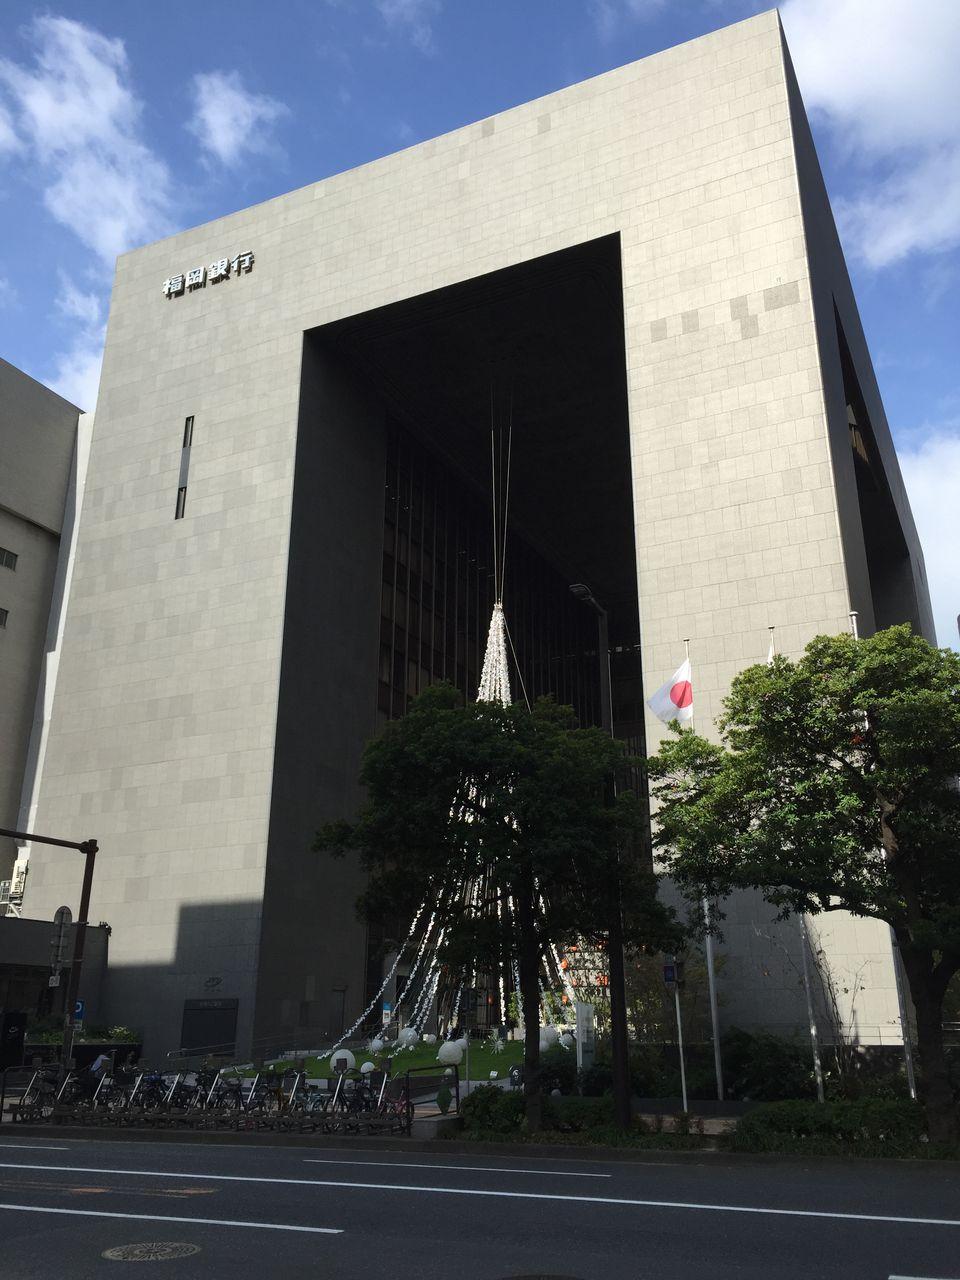 福岡銀行本店(1975黒川紀章)20151205 (1)